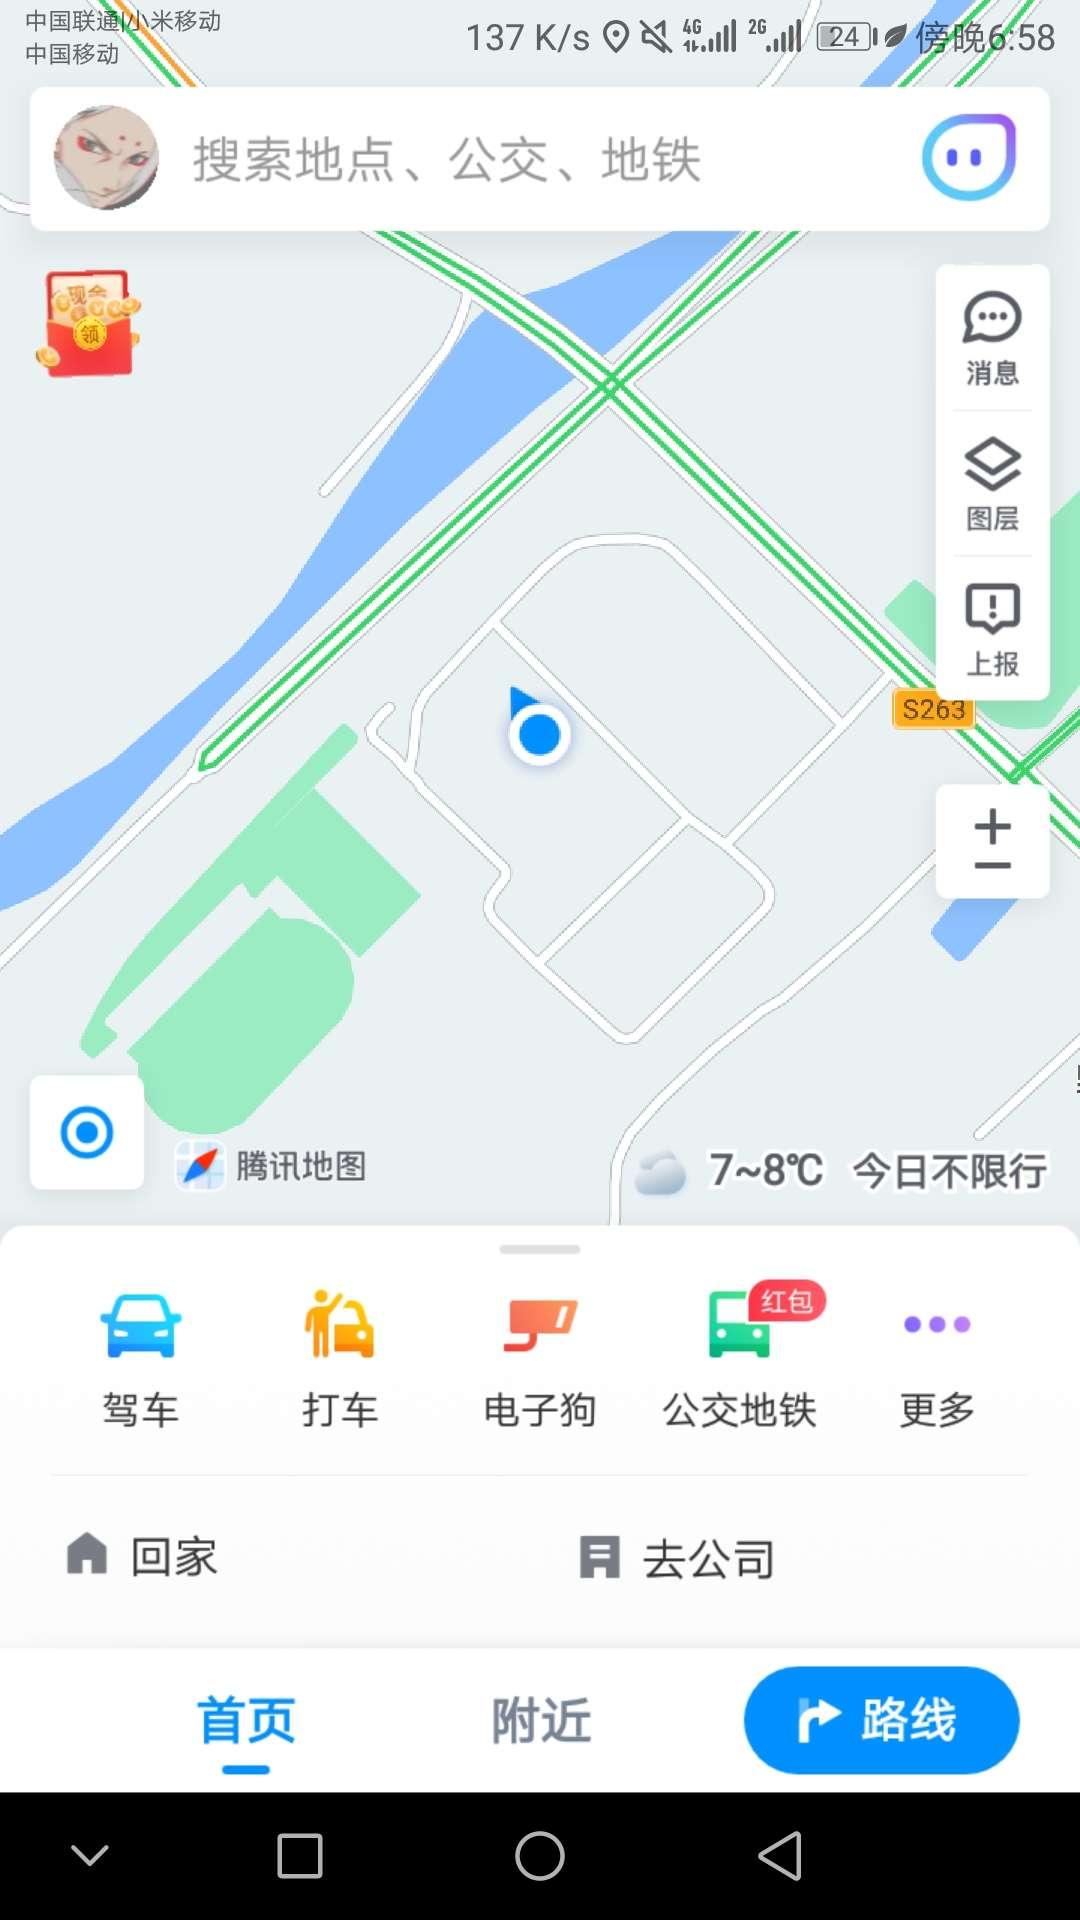 【现金红包】腾讯地图领红包了-聚合资源网